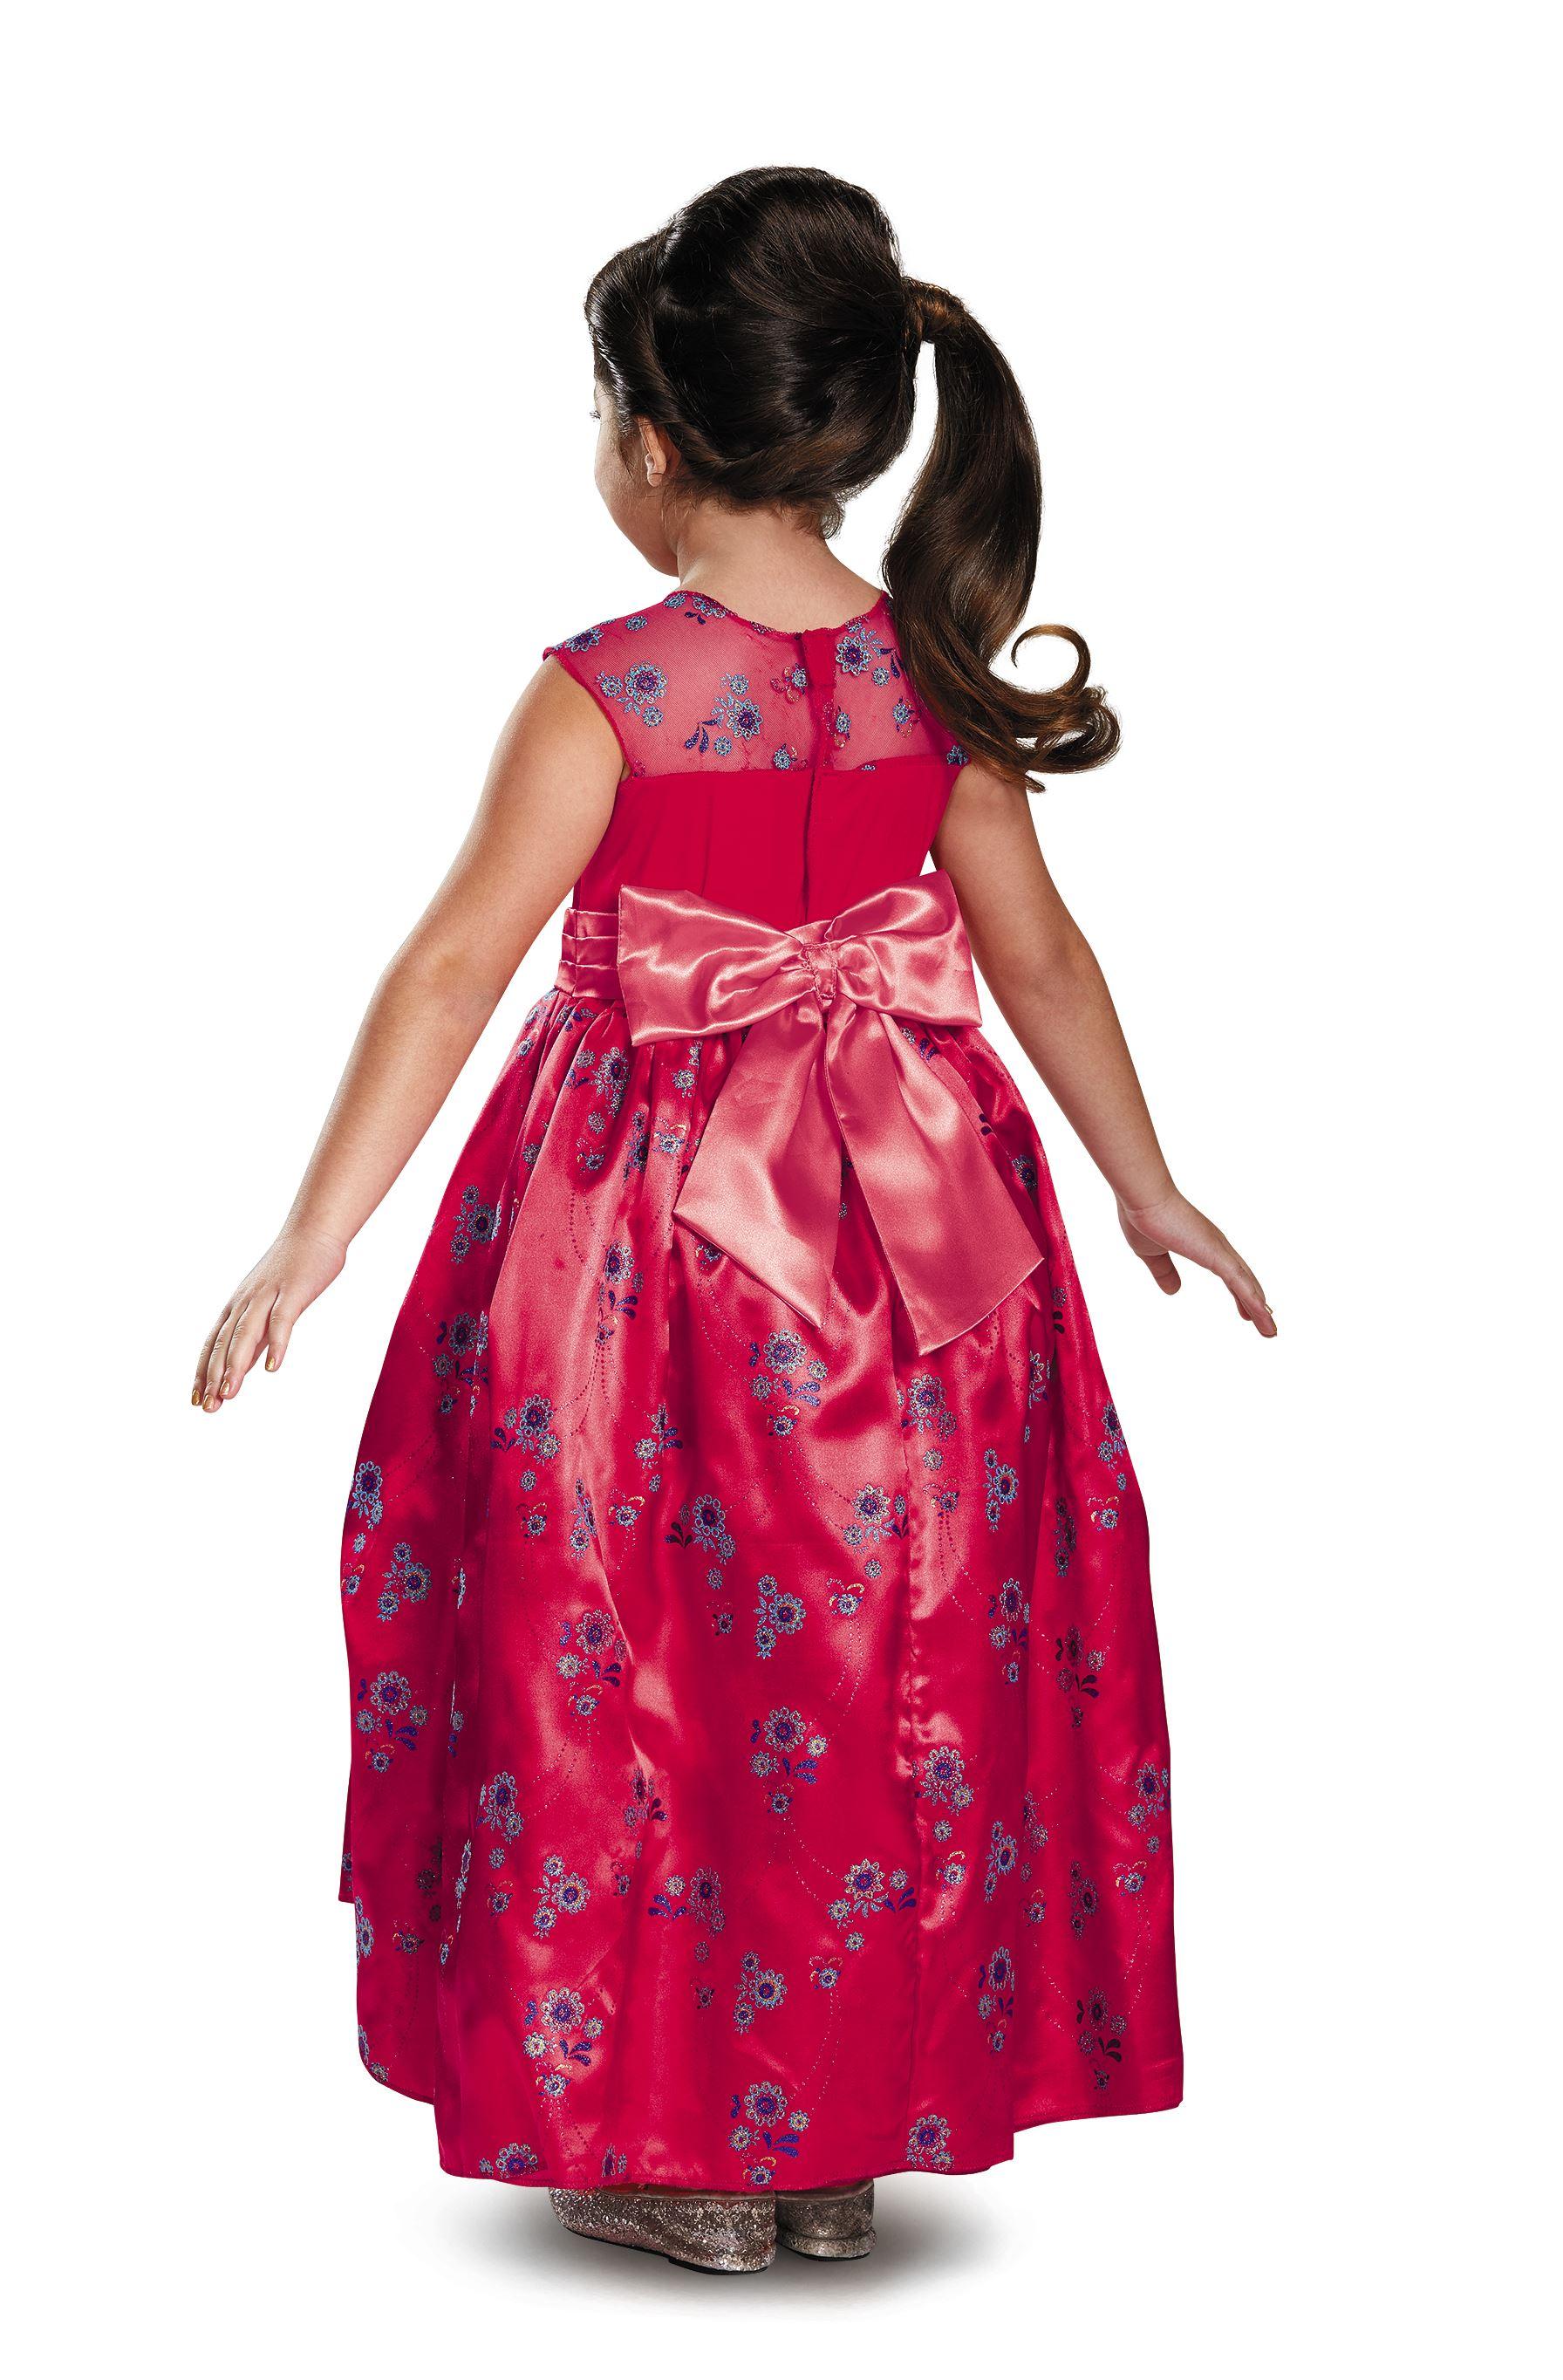 kids elena of avalor disney princess costume. Black Bedroom Furniture Sets. Home Design Ideas